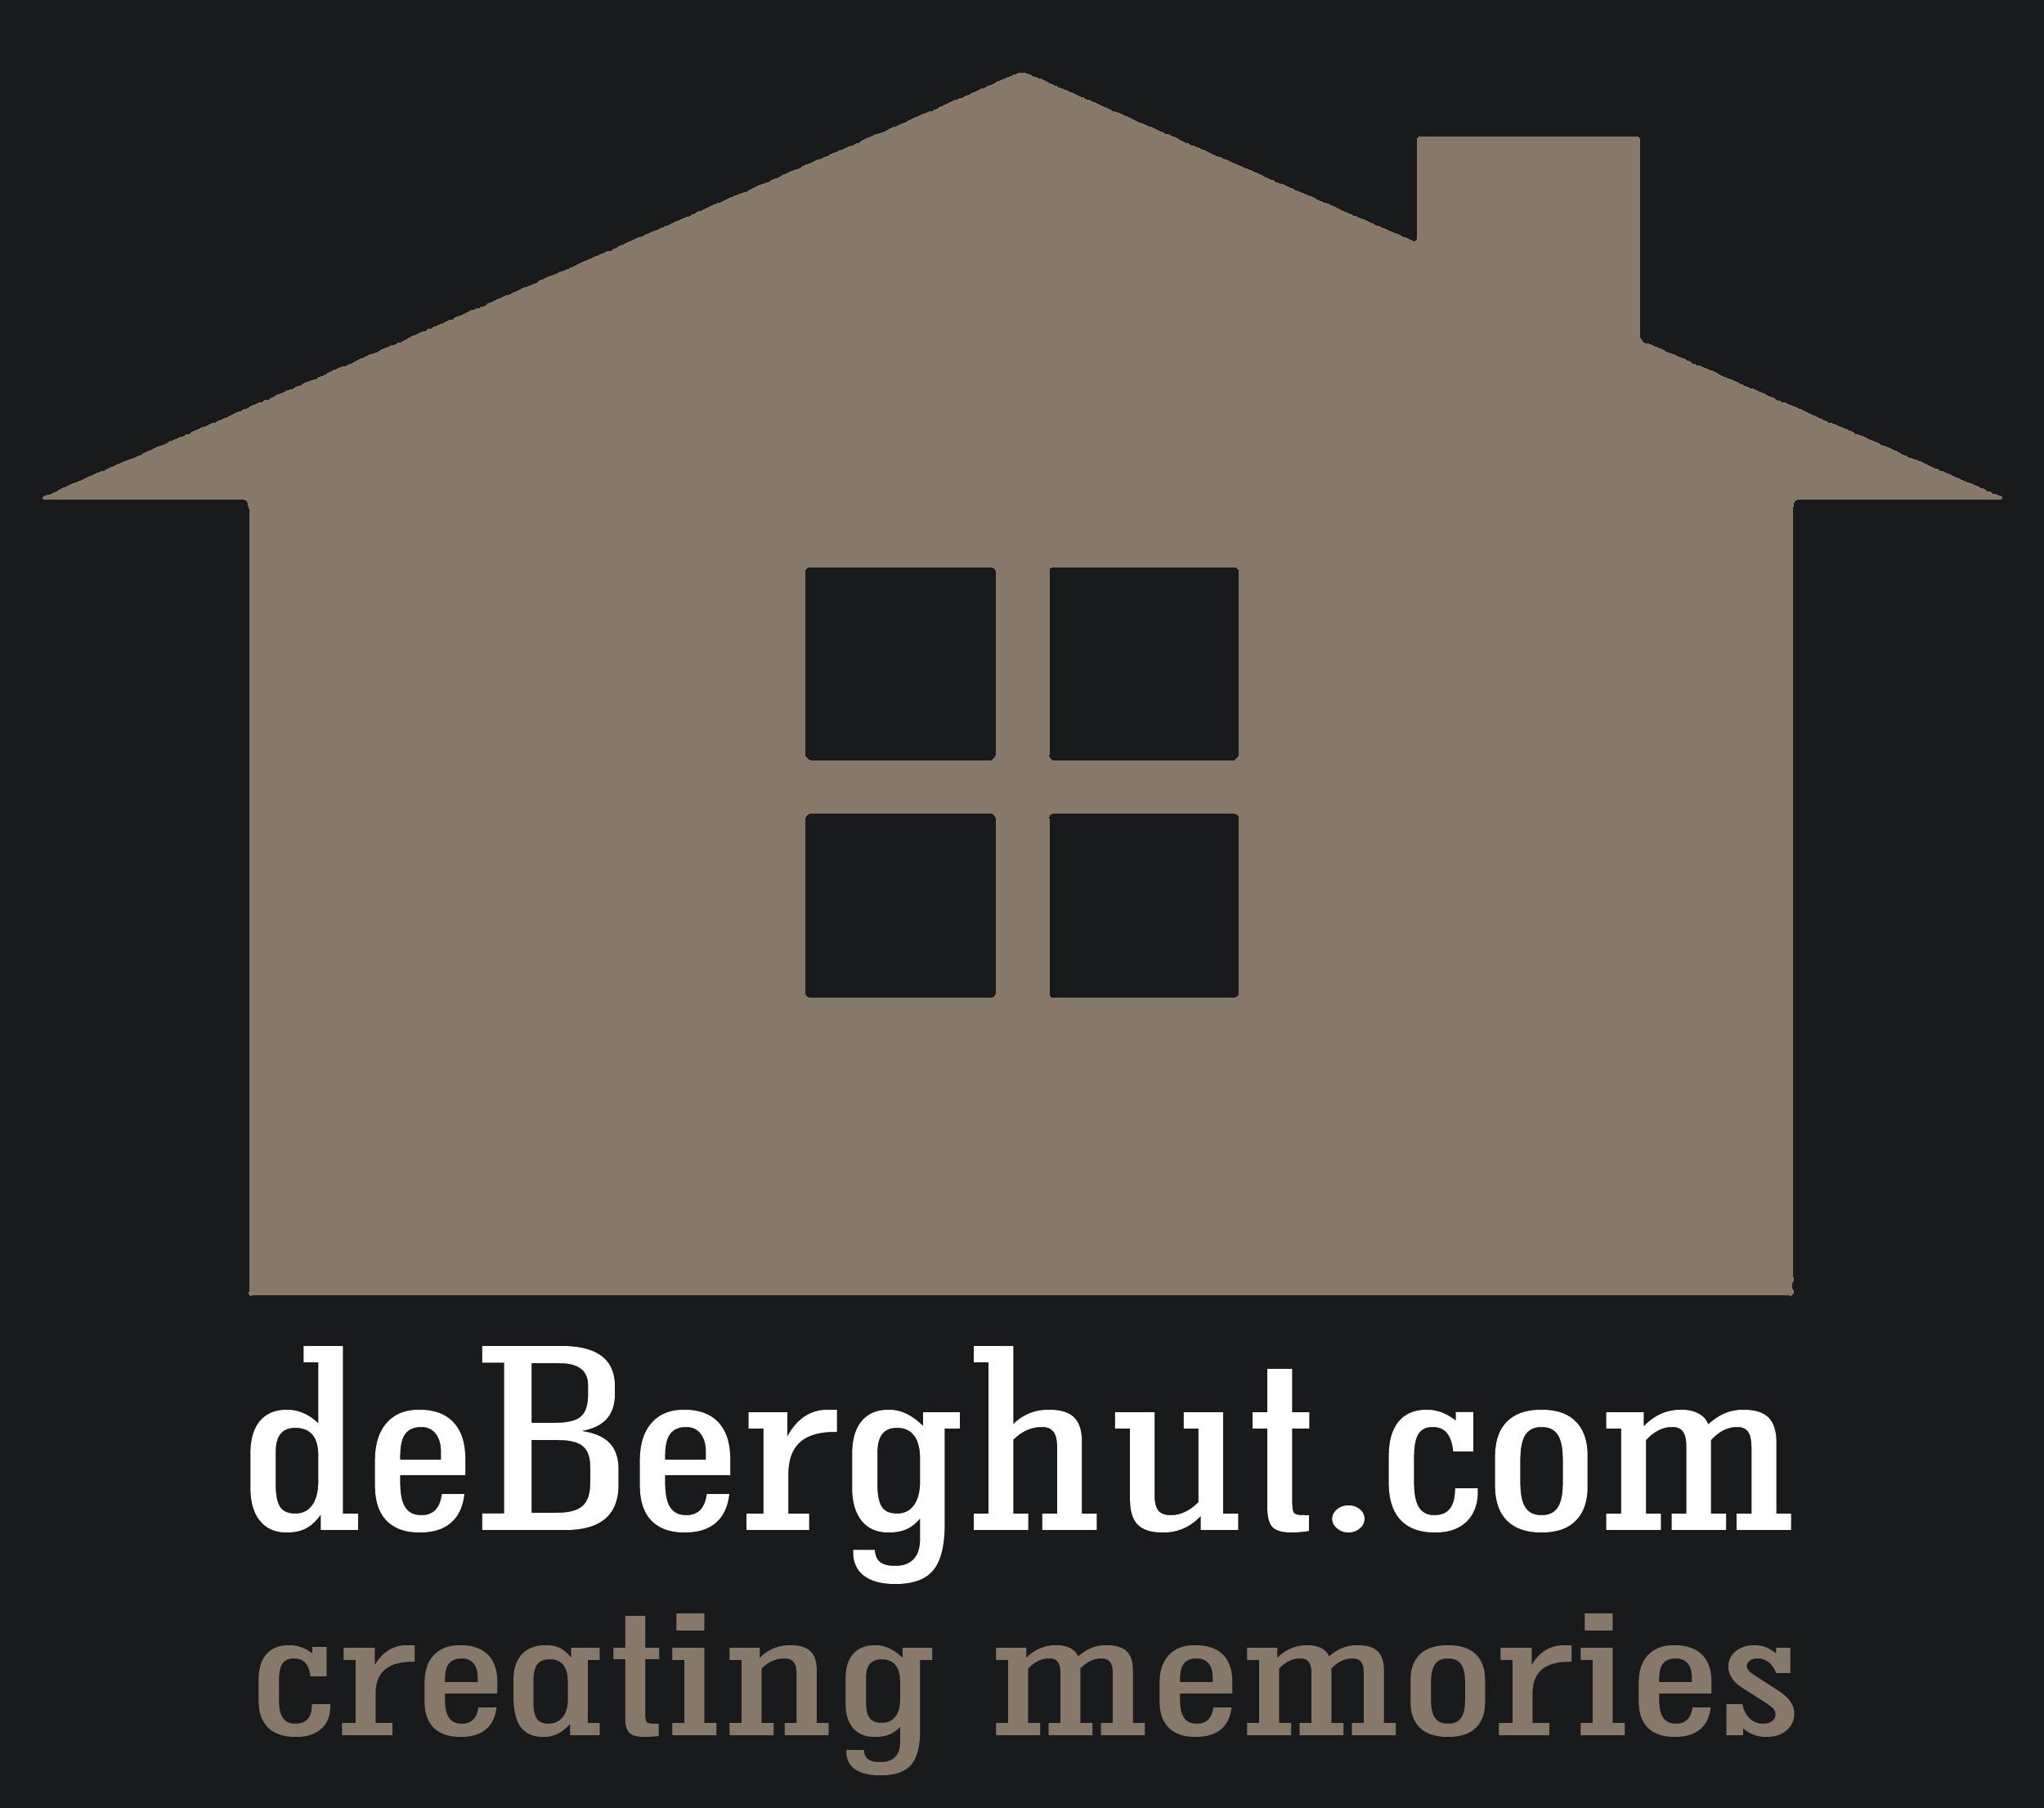 de-Begrhut-logo-met-creating